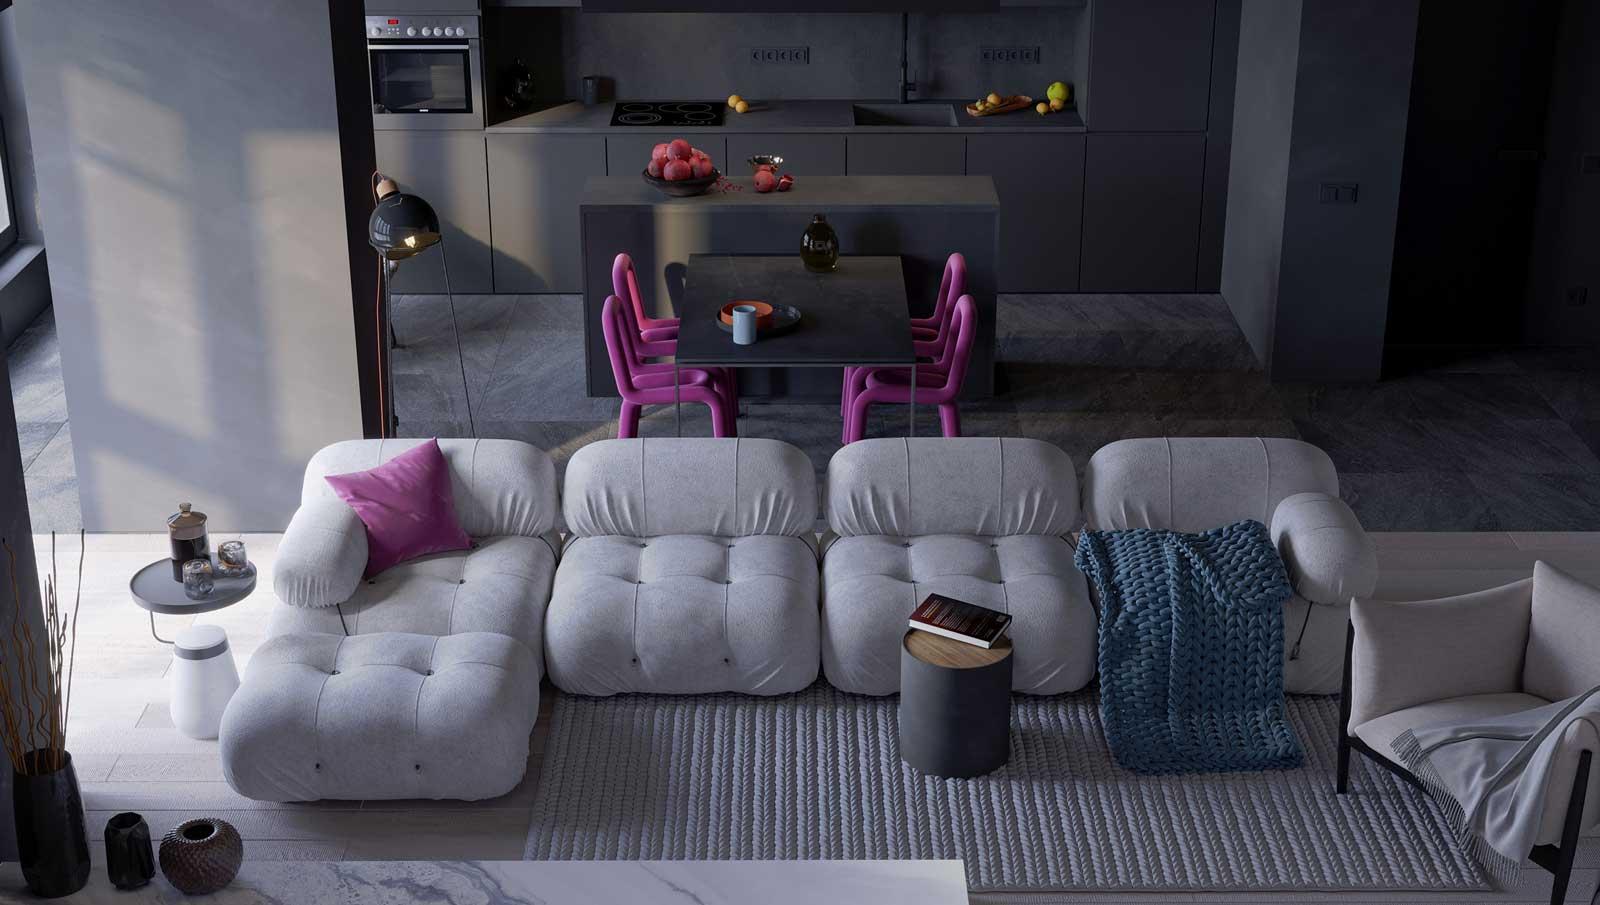 Les canapés modulables aux formes arrondies s'intègrent à un coin salon cuisine avec des meubles sombres, une table et des chaises en tube rose